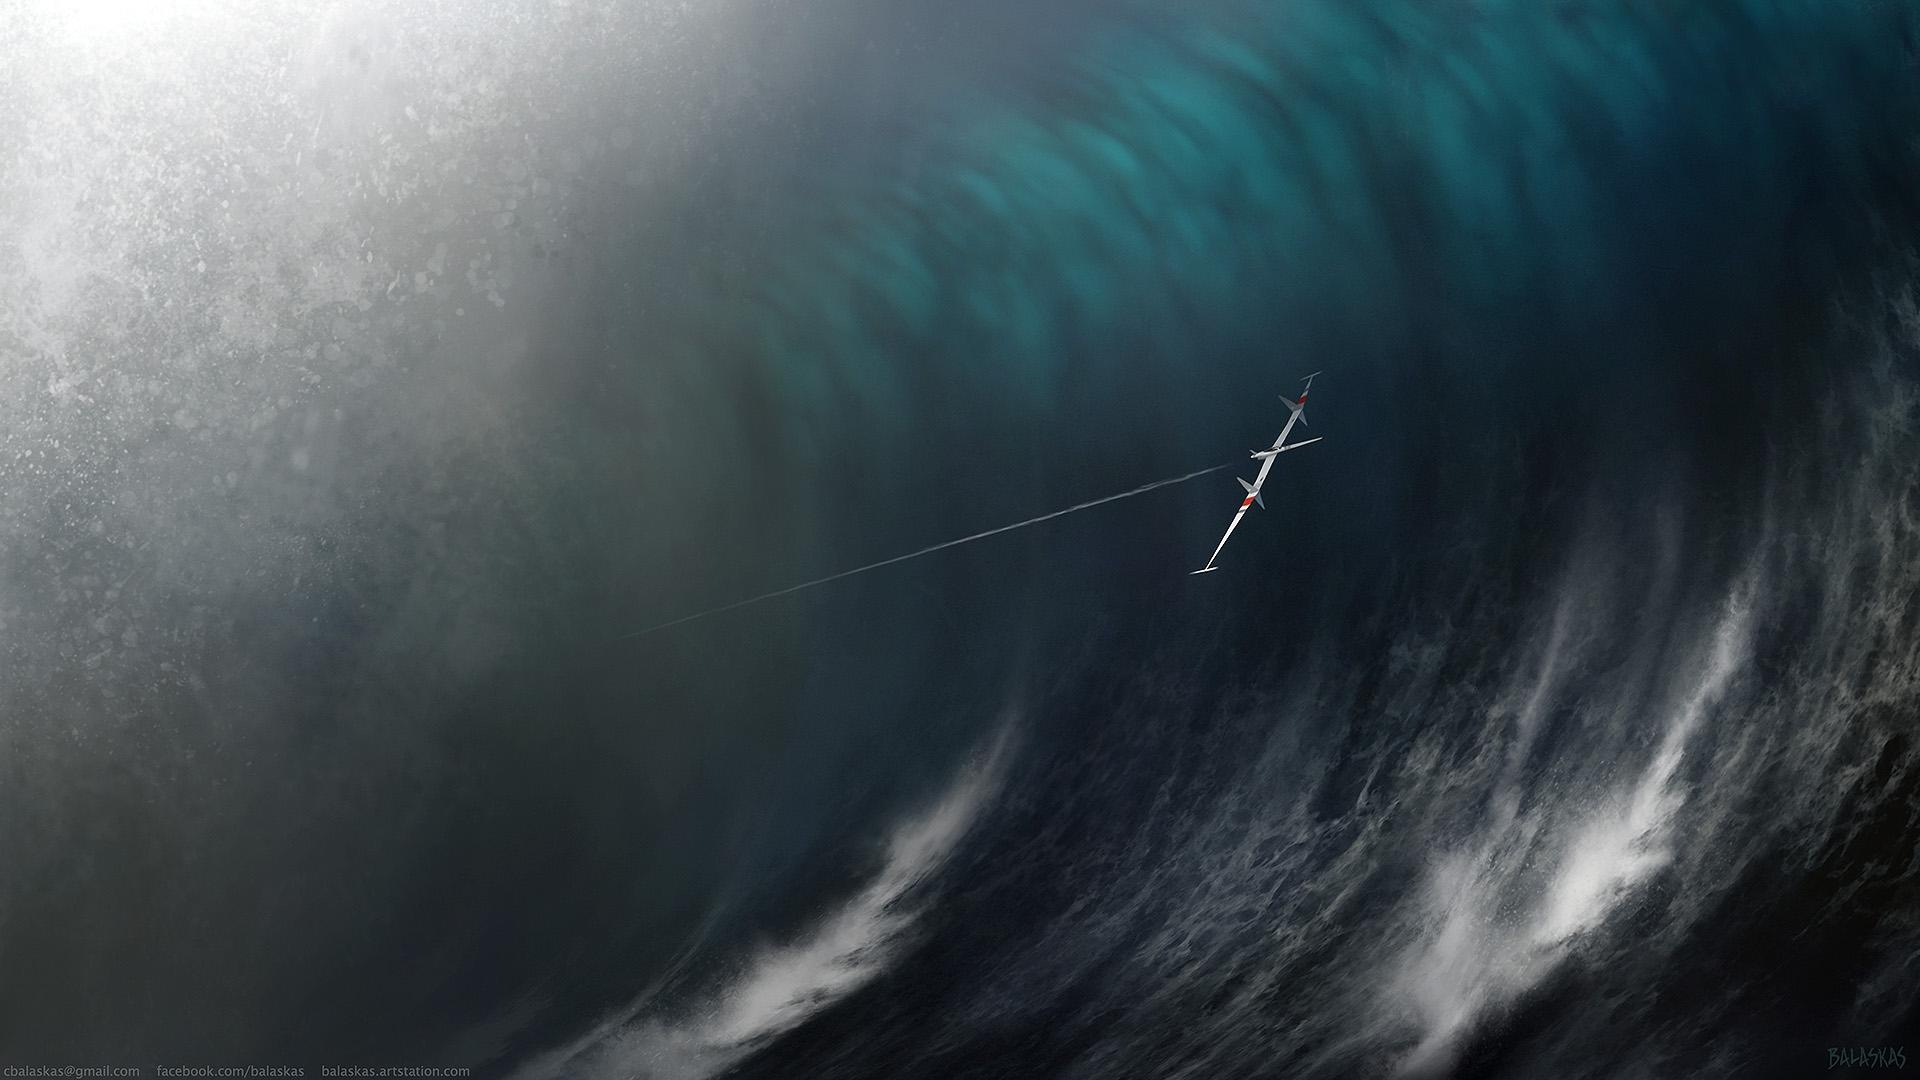 Wave Skimmer by Balaskas